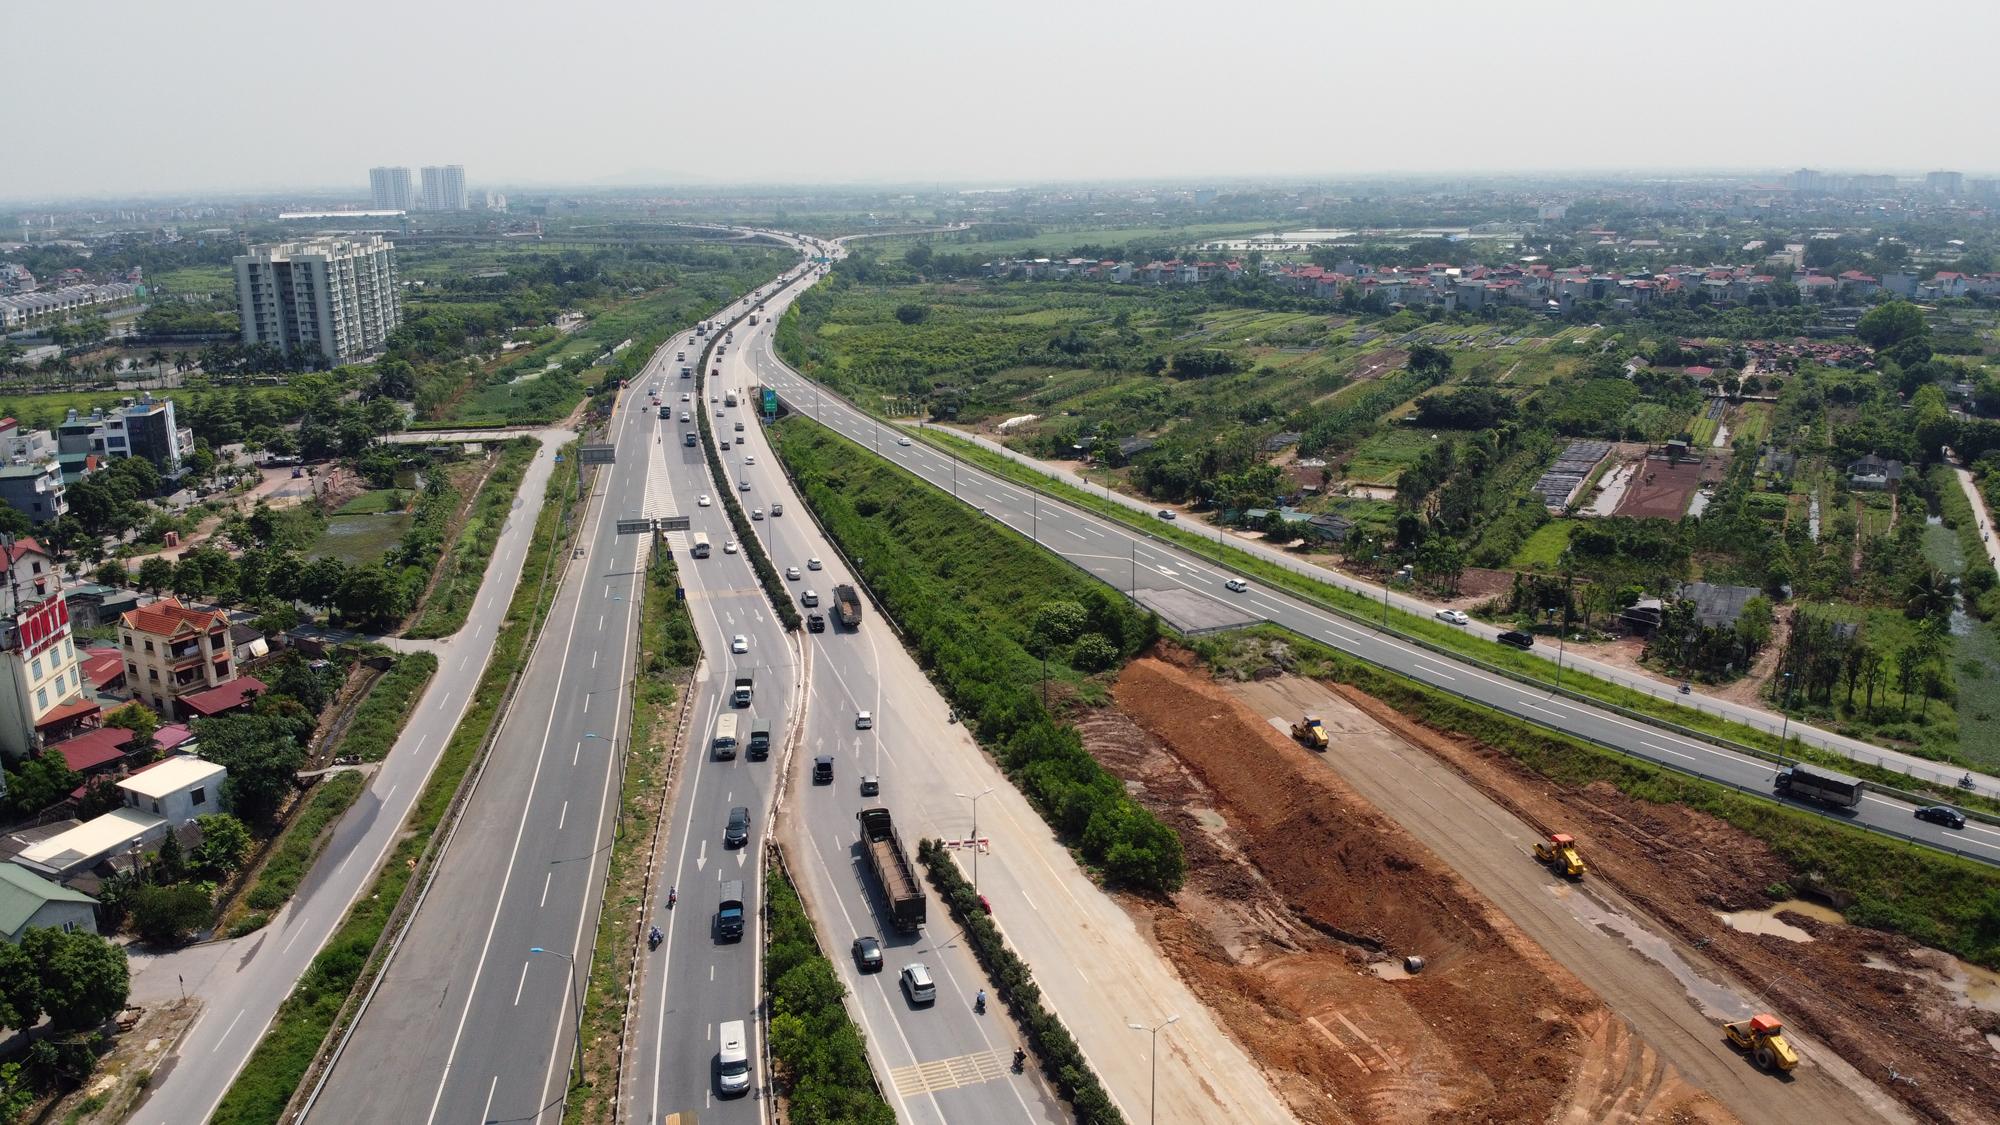 Toàn cảnh dự án xây dựng nút giao Vành đai 3 với cao tốc Hà Nội - Hải Phòng - Ảnh 9.